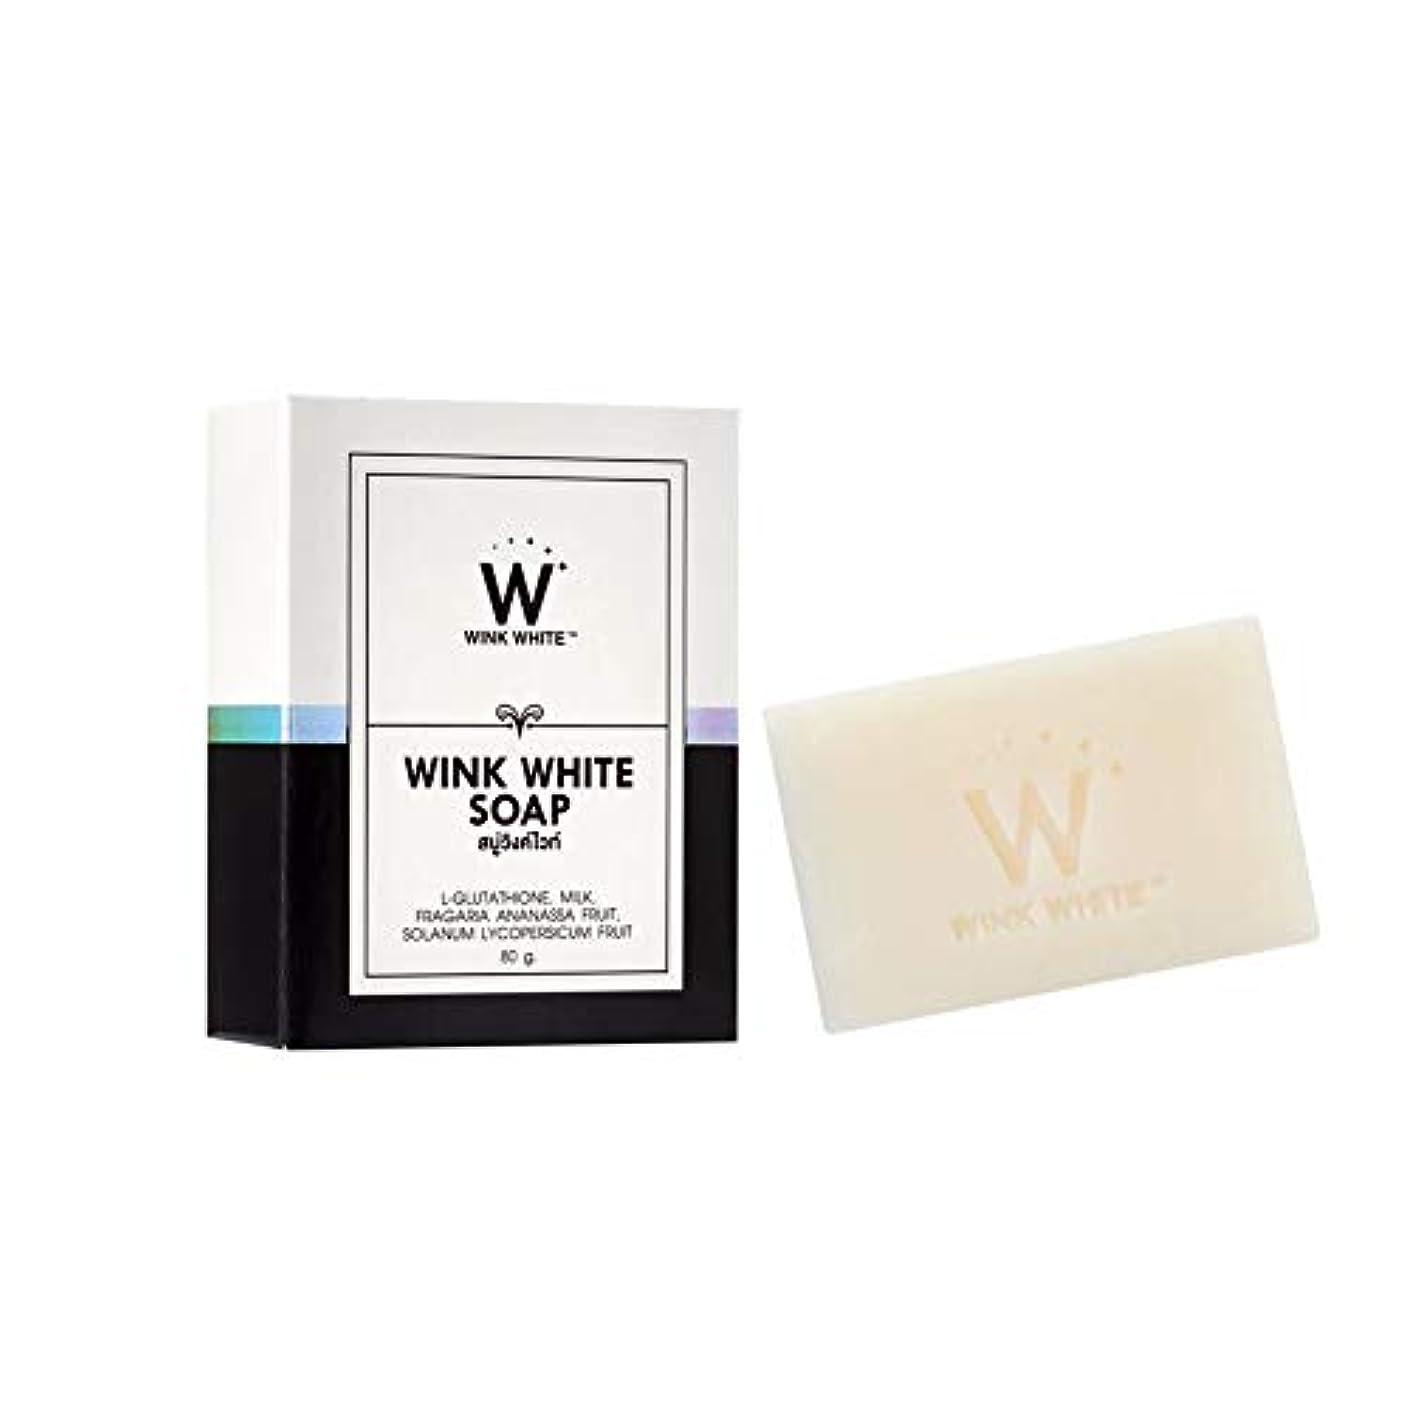 うつ恐怖症プロフィールSoap Net Nature White Soap Base Wink White Soap Gluta Pure Skin Body Whitening Strawberry for Whitening Skin All...